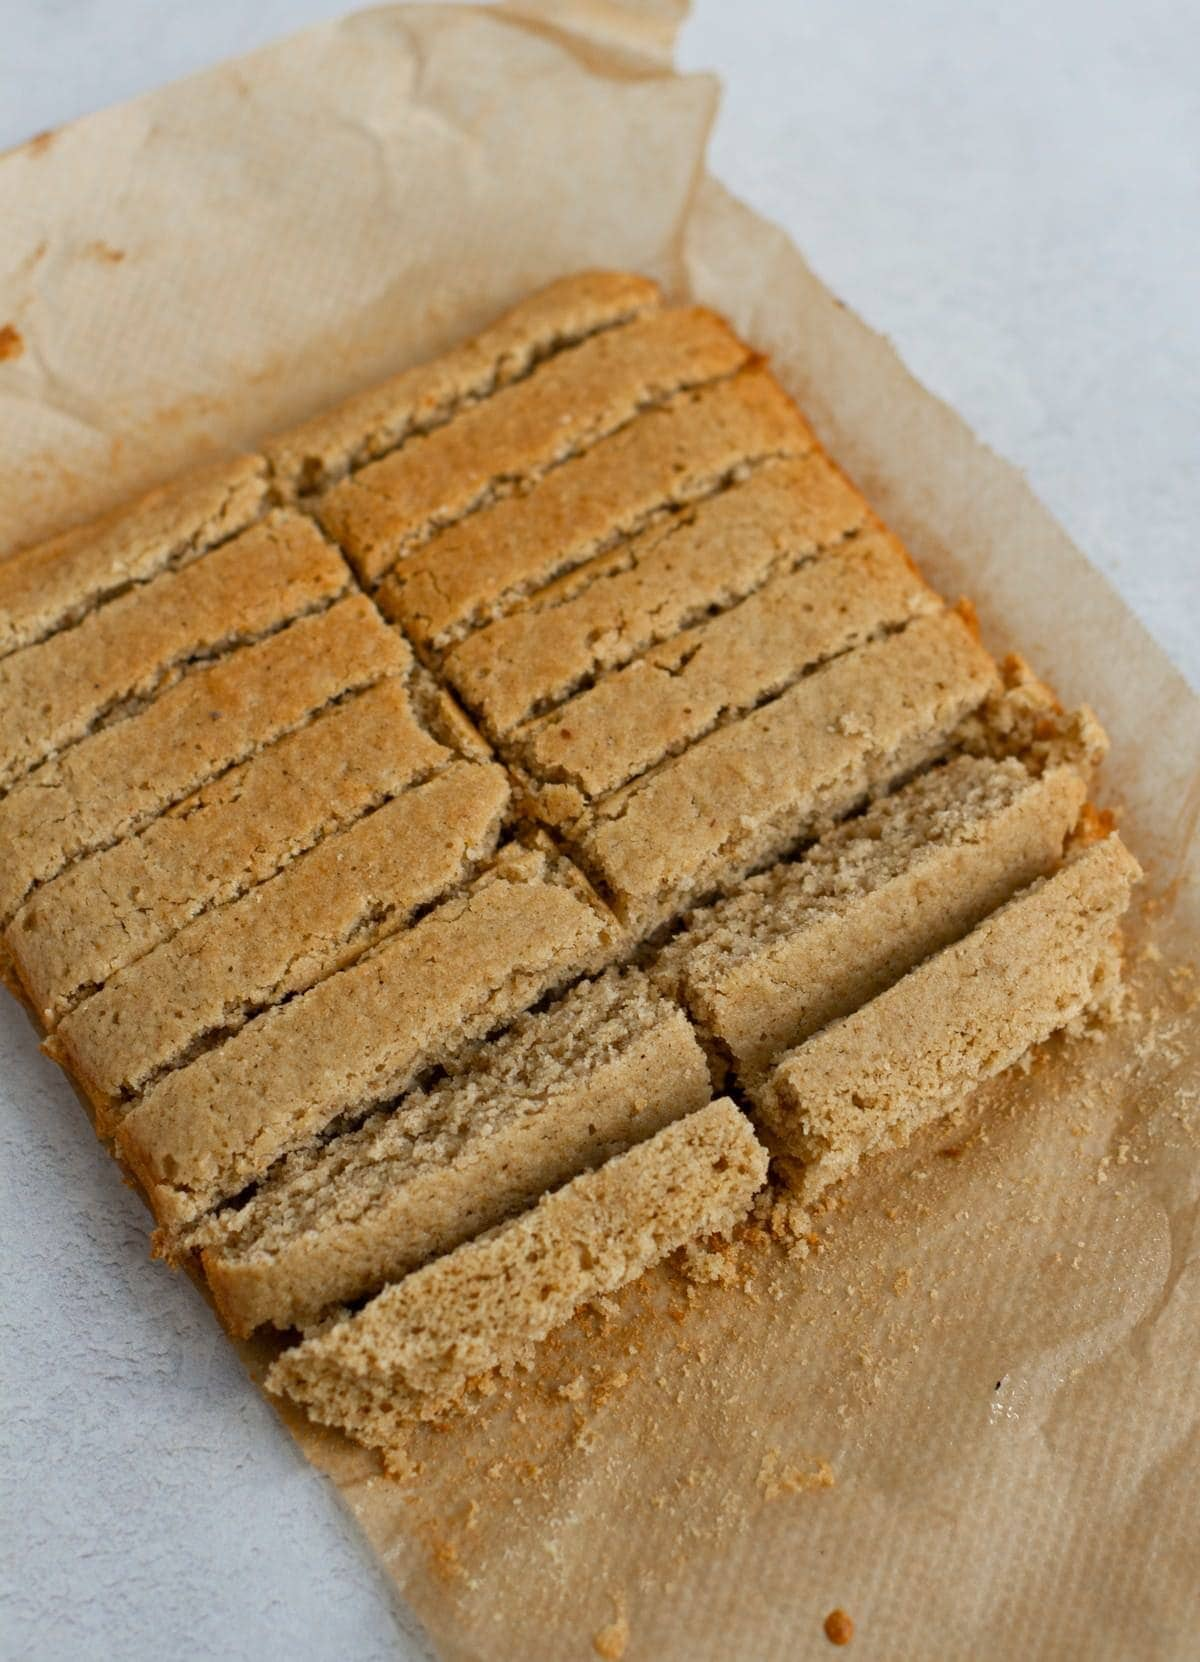 glutenfreier Vanillekuchen in Löffelbiskuits geschnitten